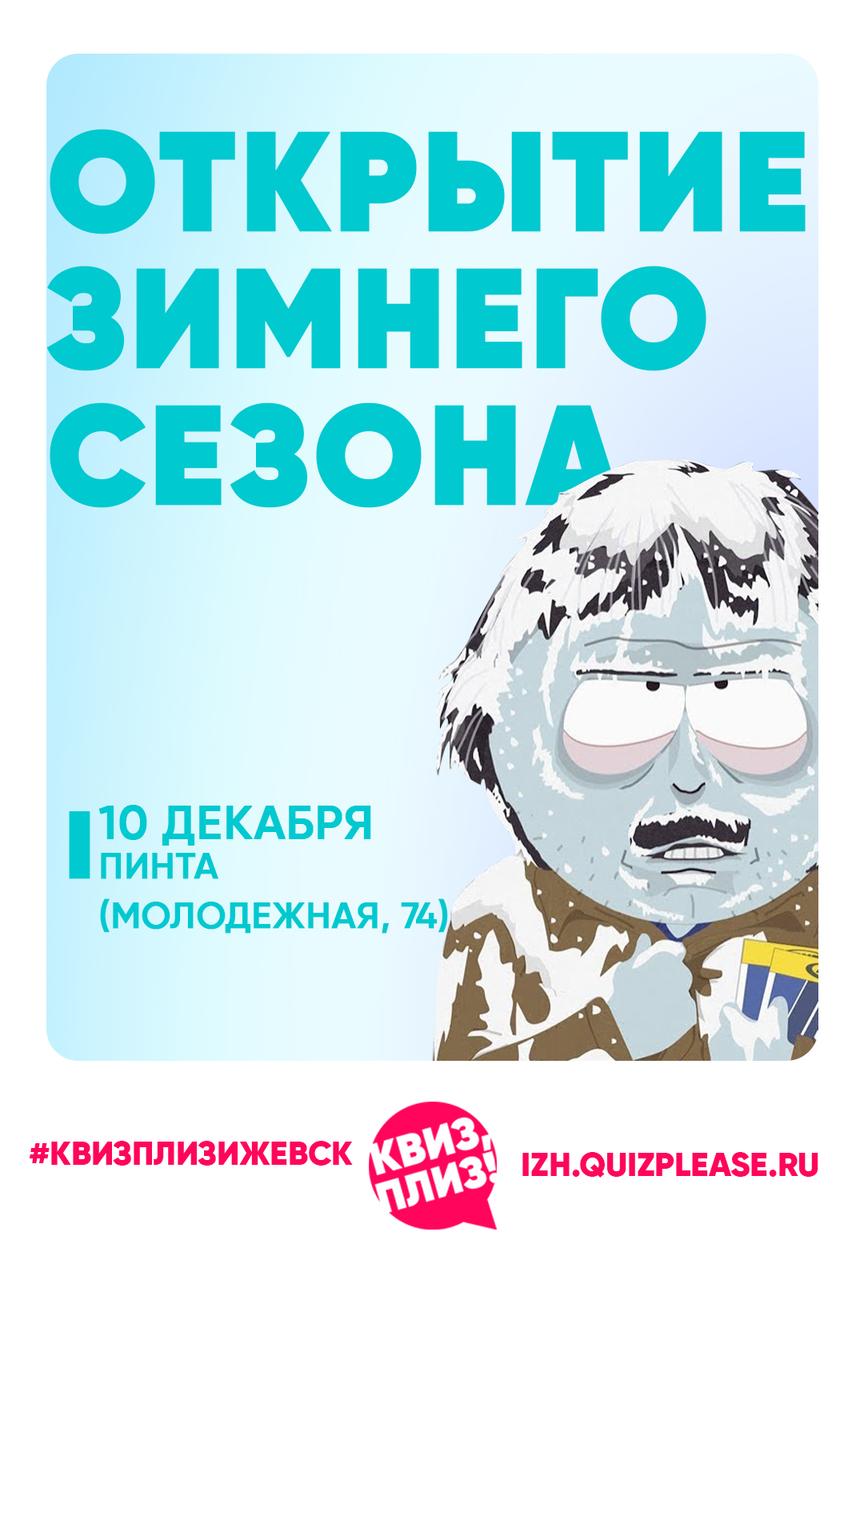 Открытие зимнего сезона «КВИЗ, ПЛИЗ!»